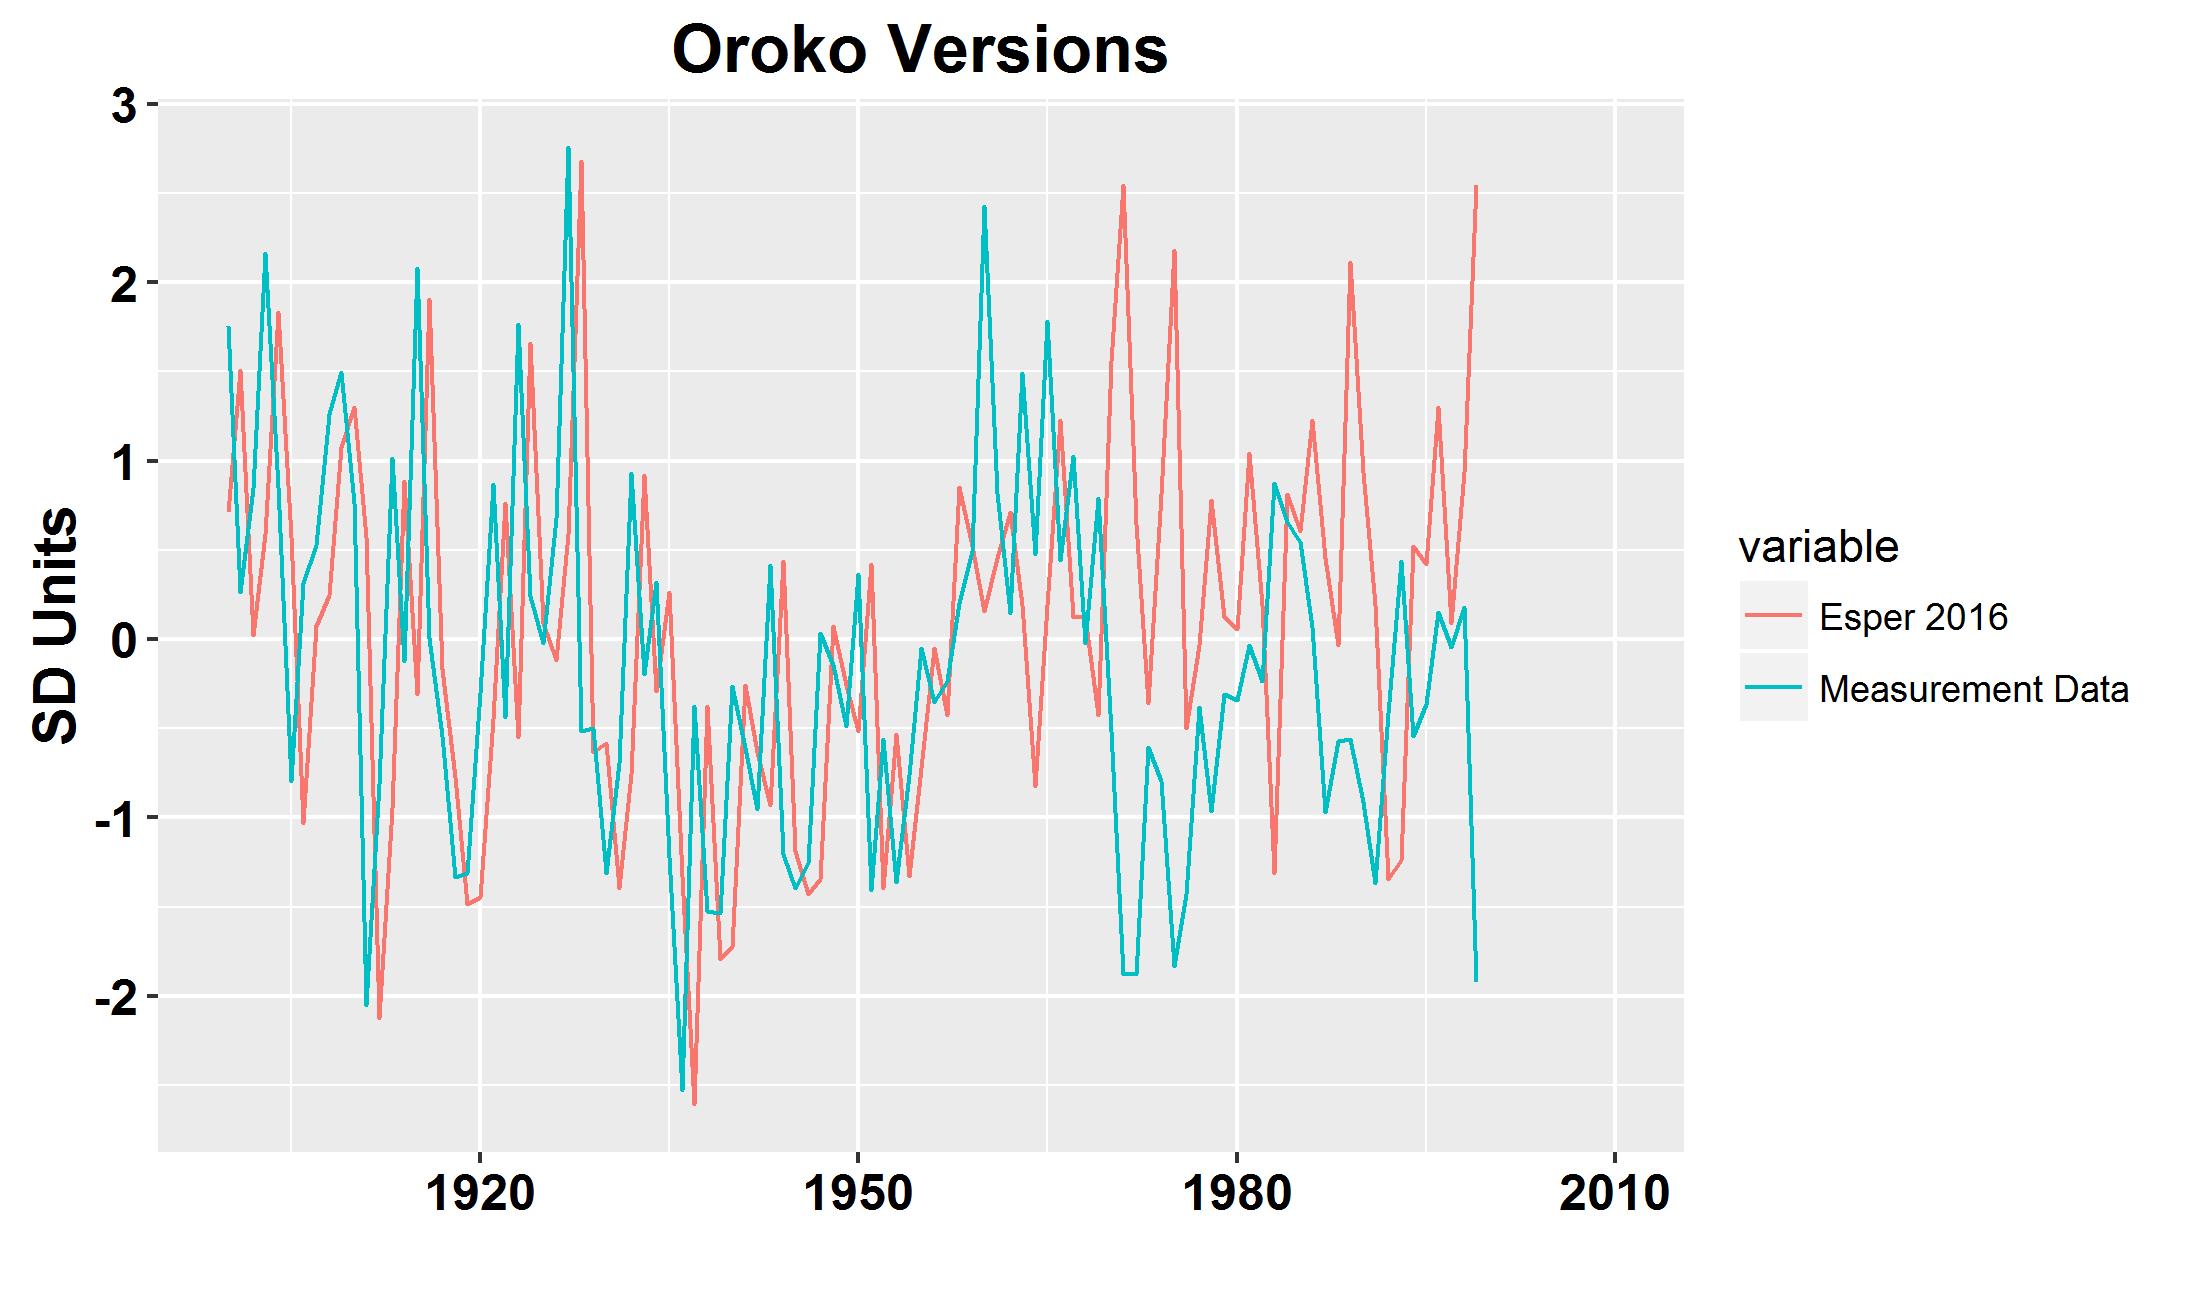 oroko_in_esper-2016